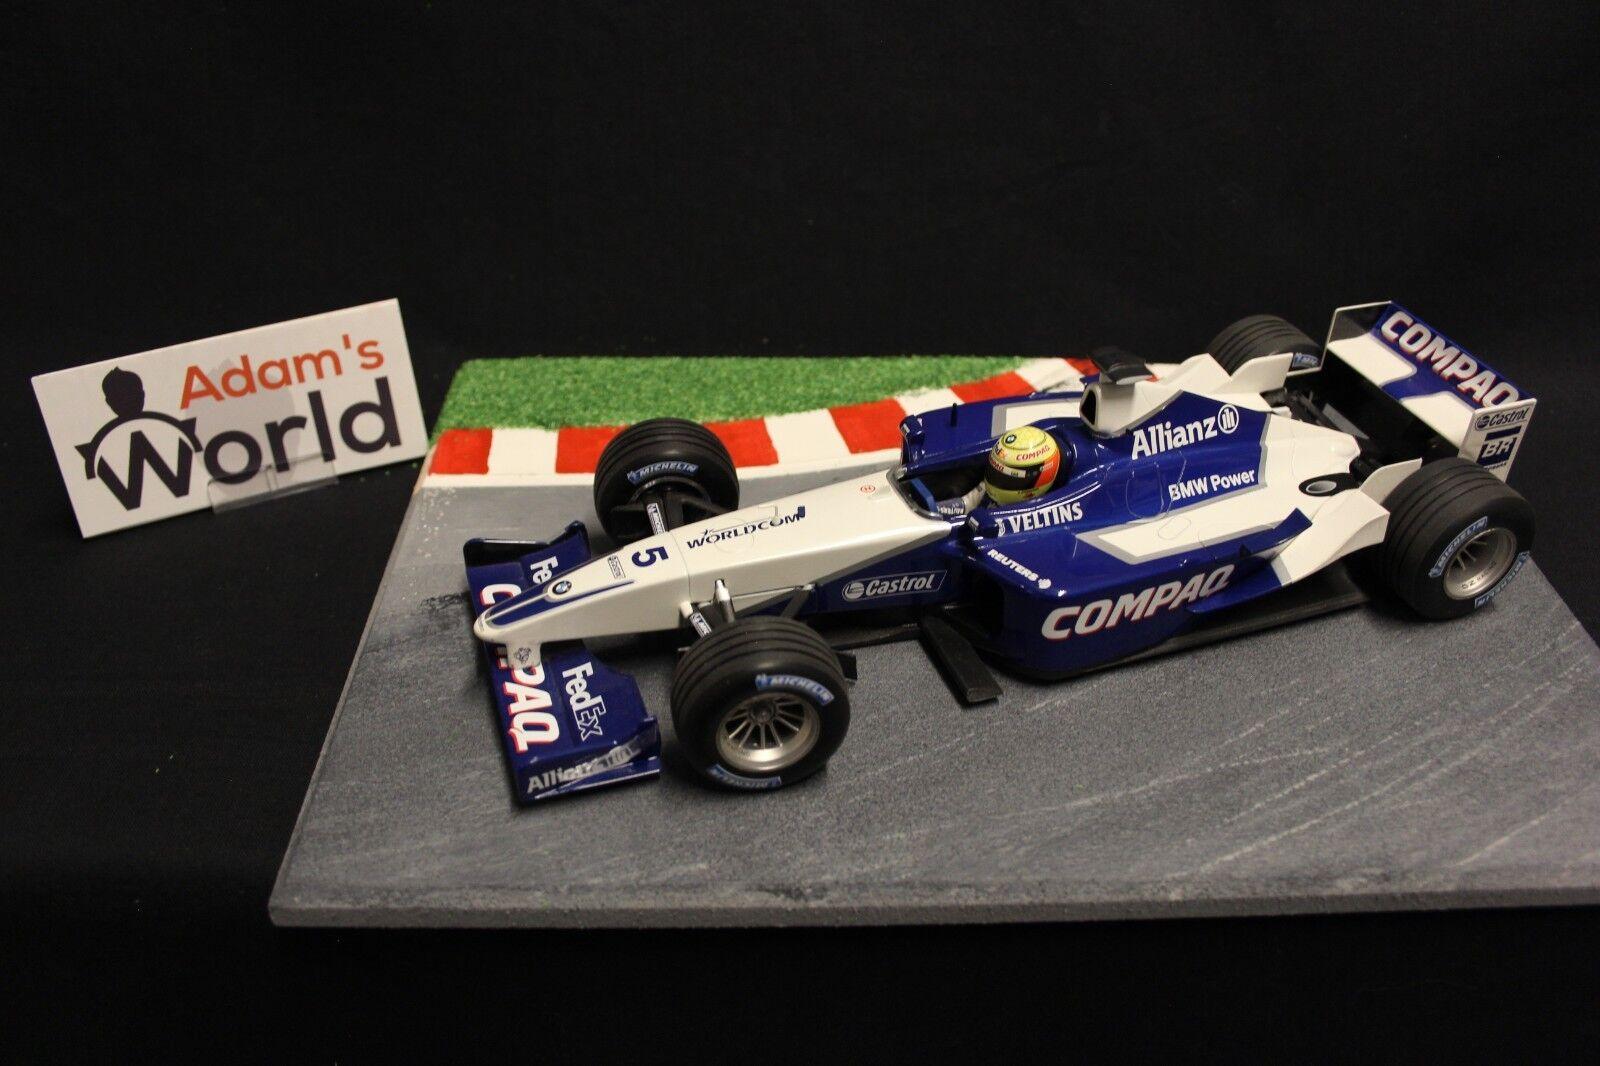 Minichamps Williams BMW show car 2002 1 18 Ralf Schumacher (GER) (F1NB)